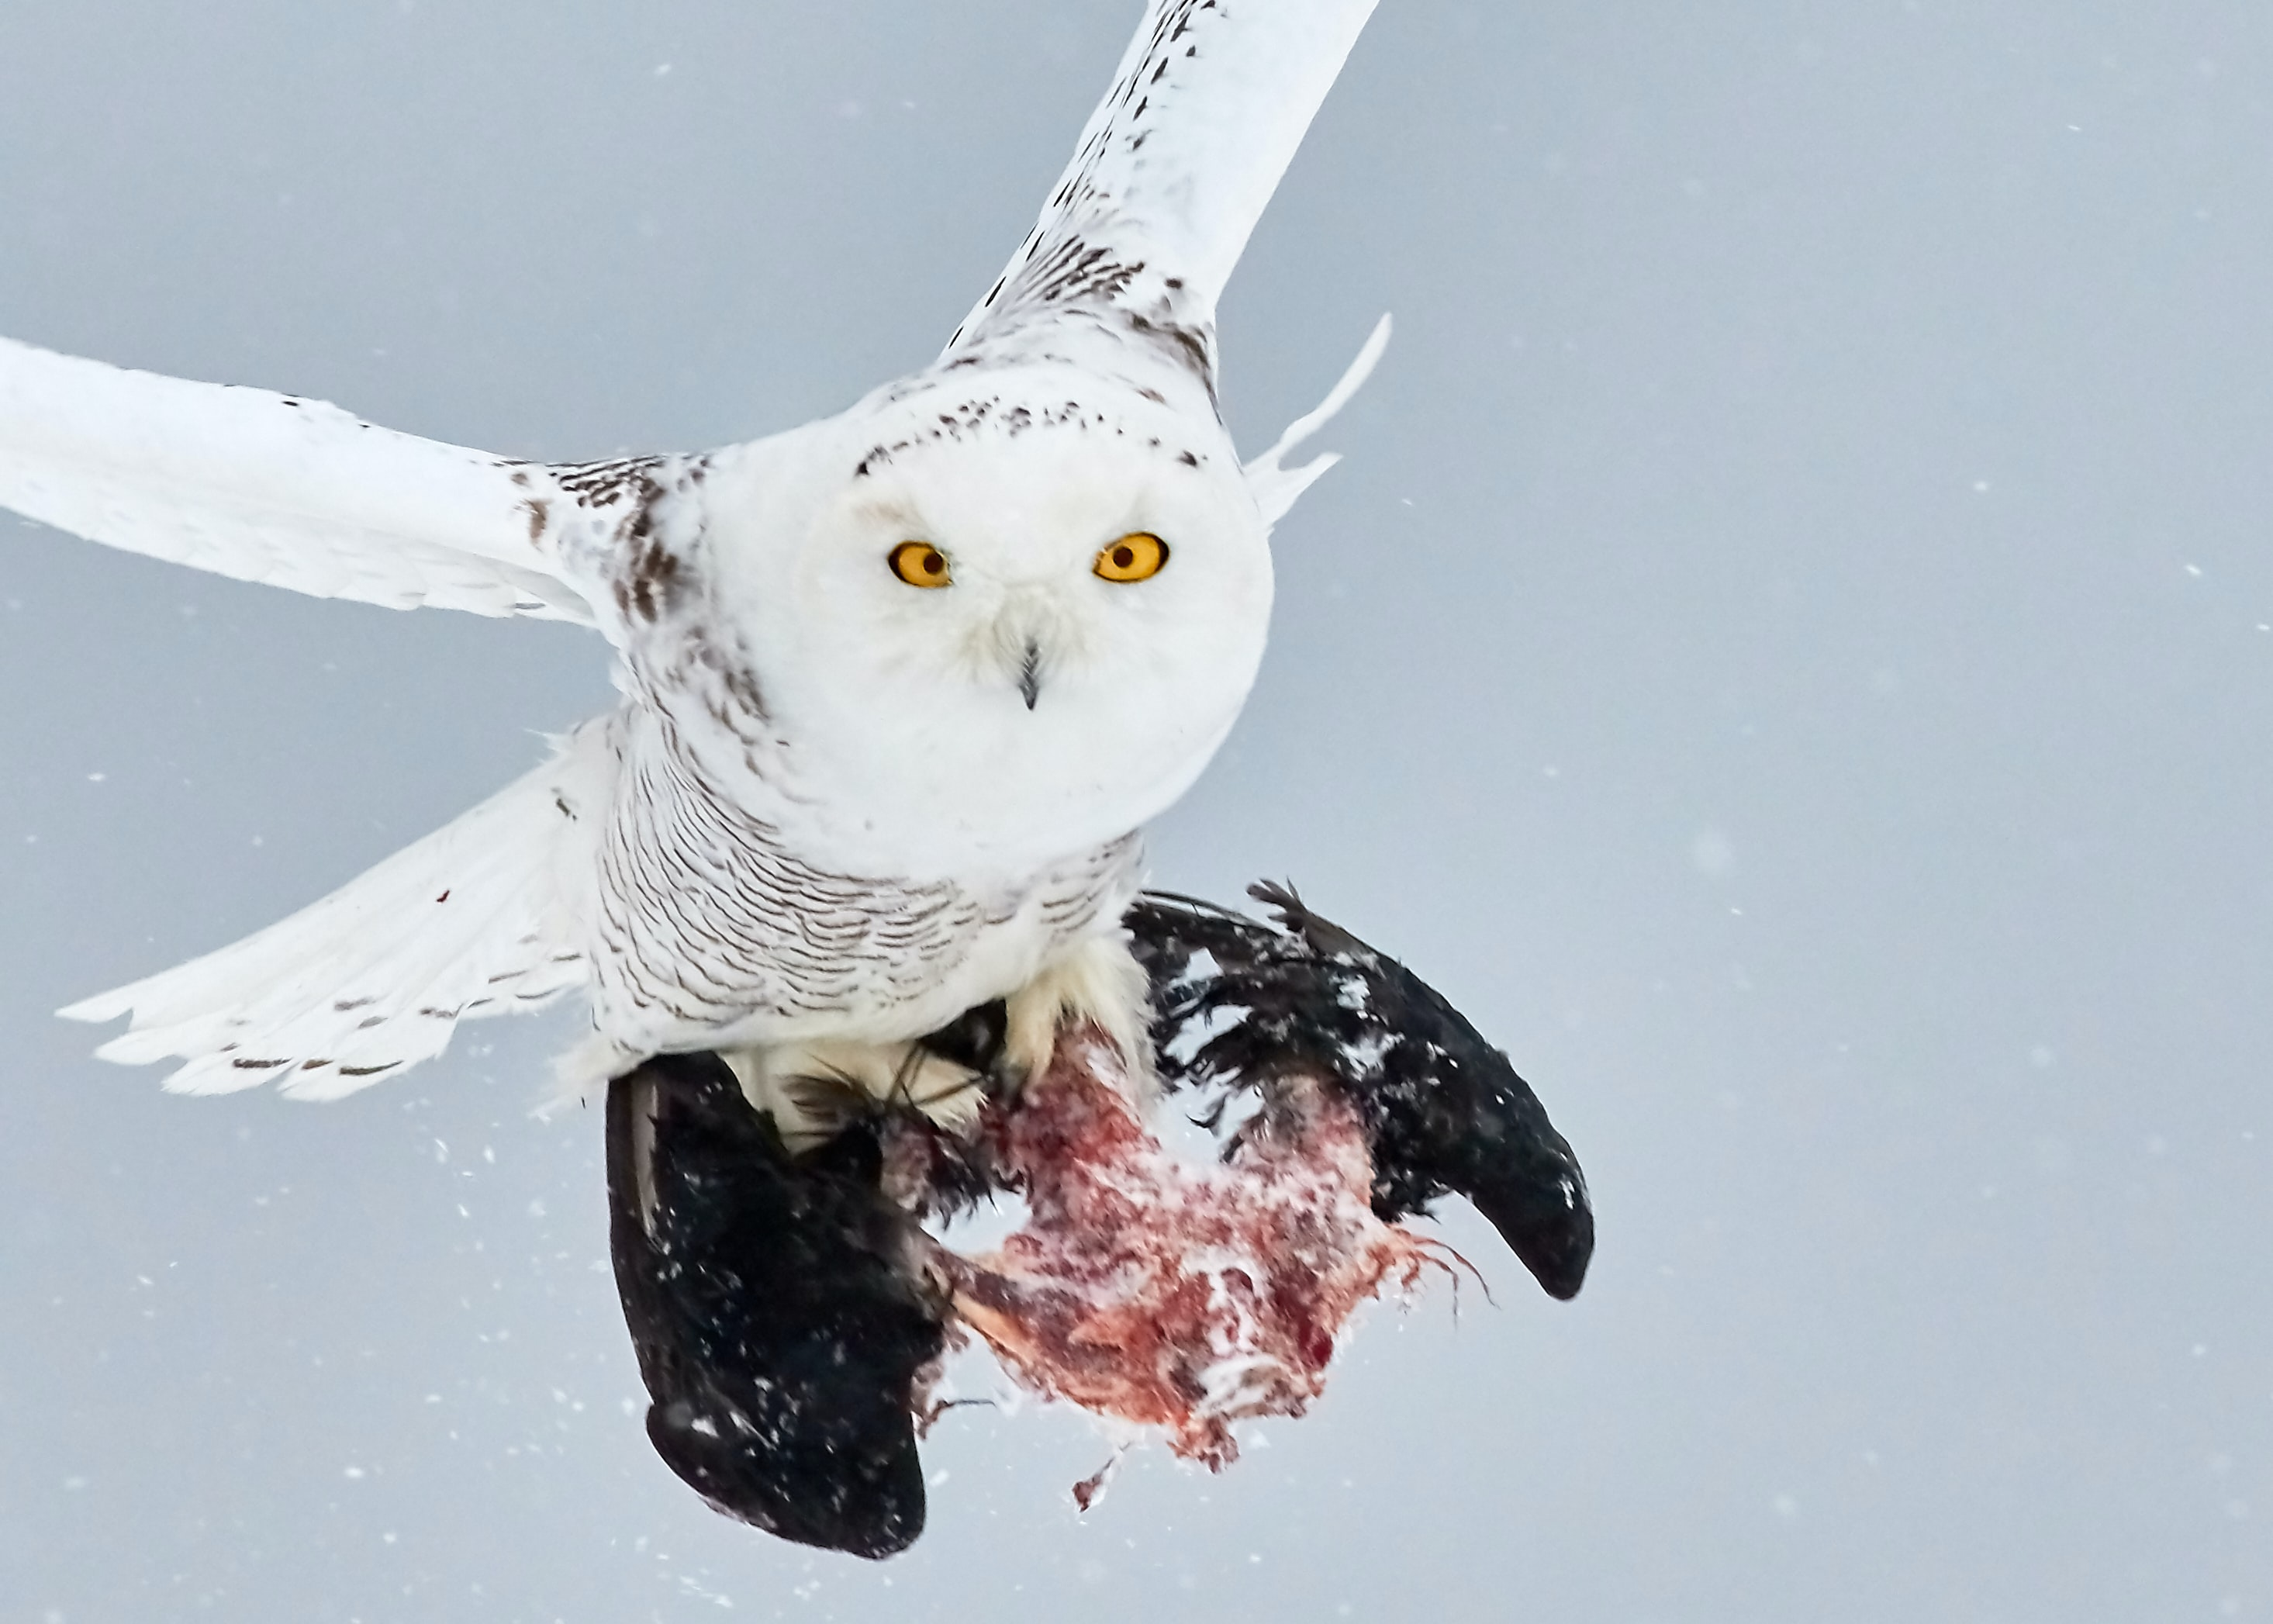 white owl holding prey